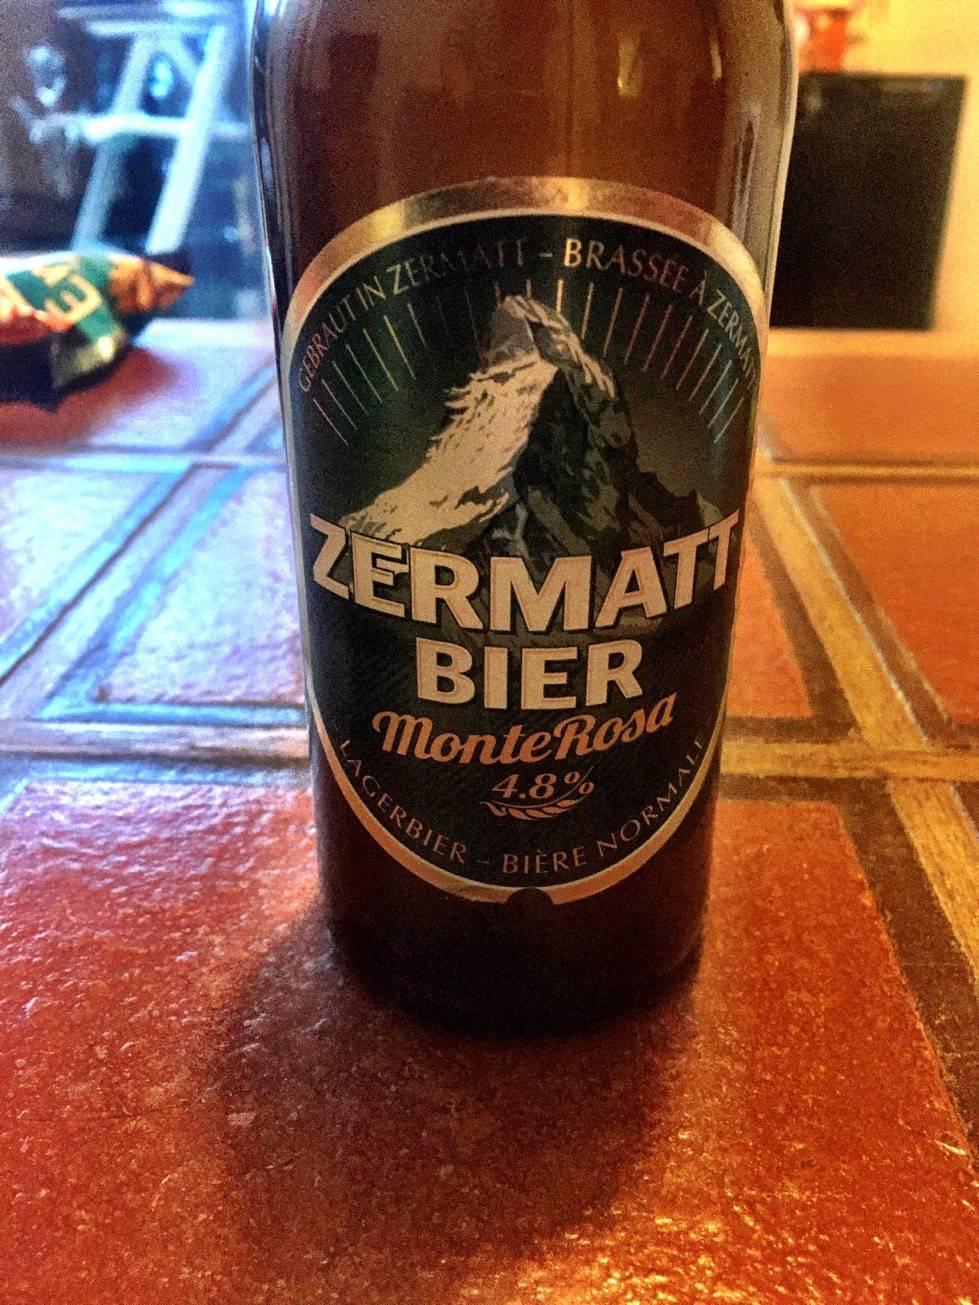 Zermatt Beer Monte Rosa